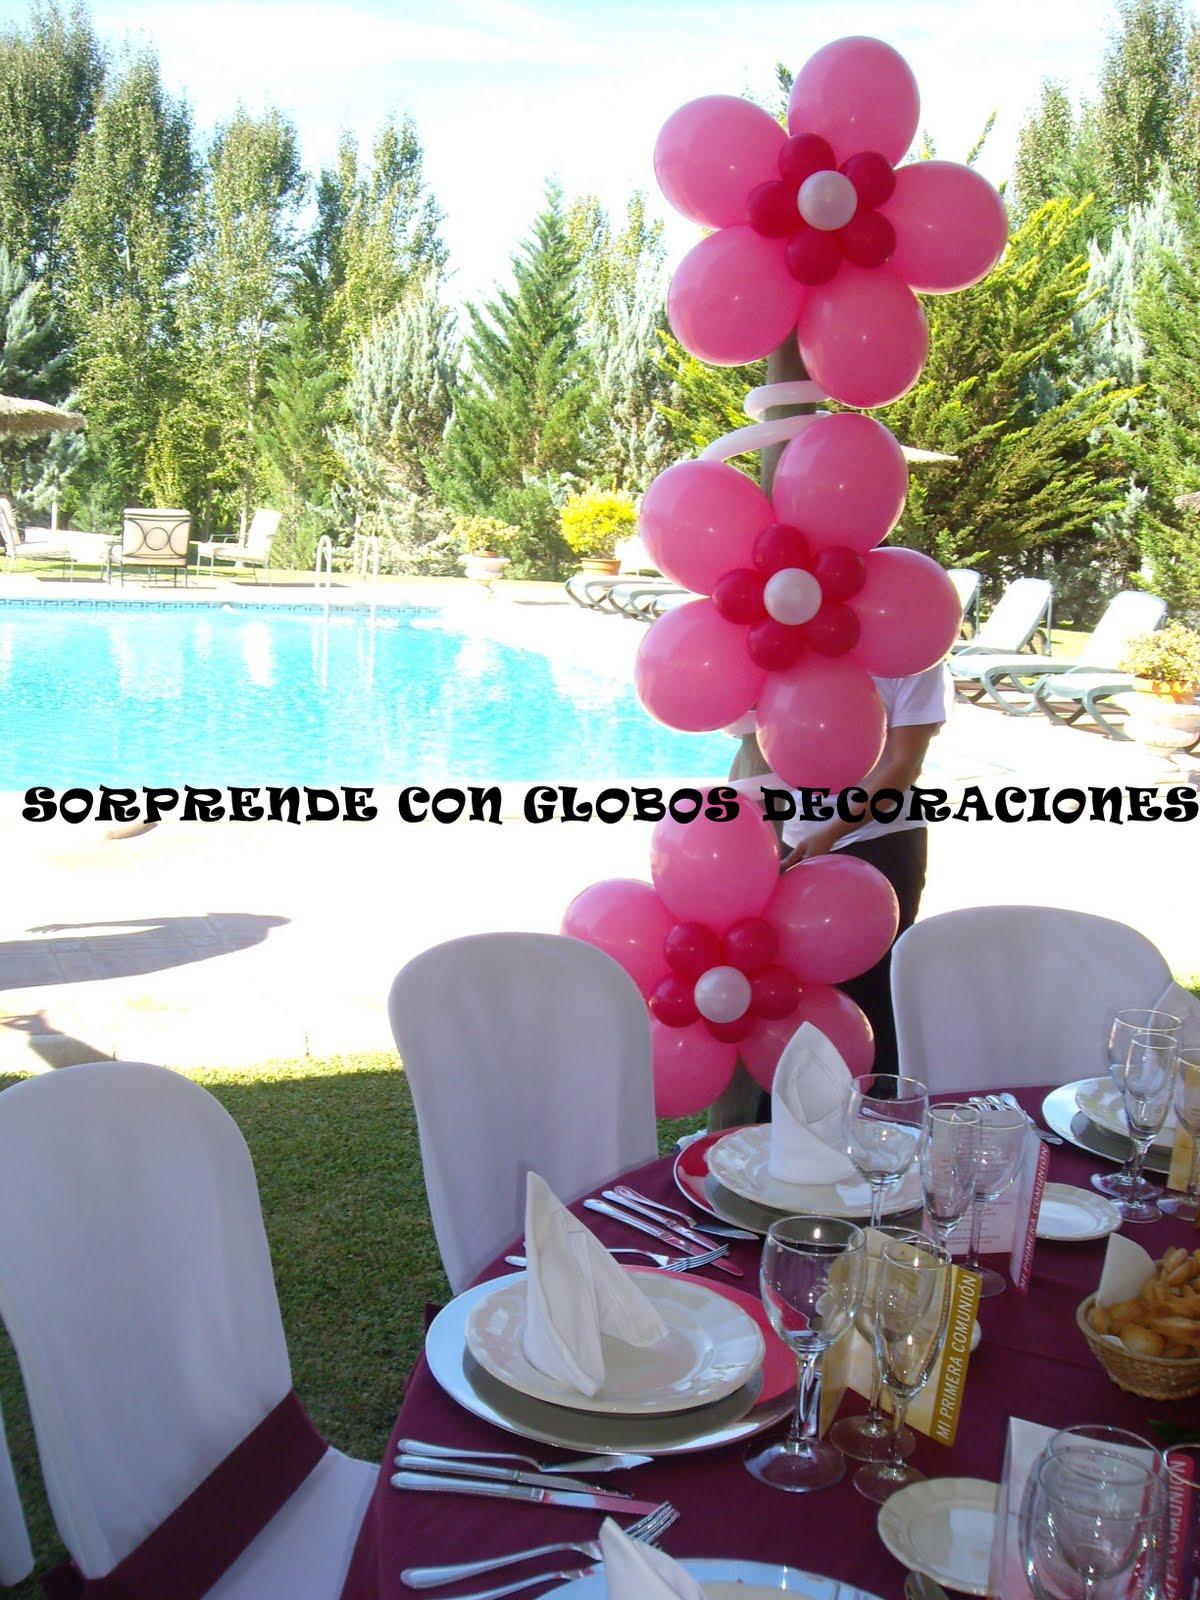 Sorprende con globos decoraciones comuniones 2011 - Globos para eventos ...